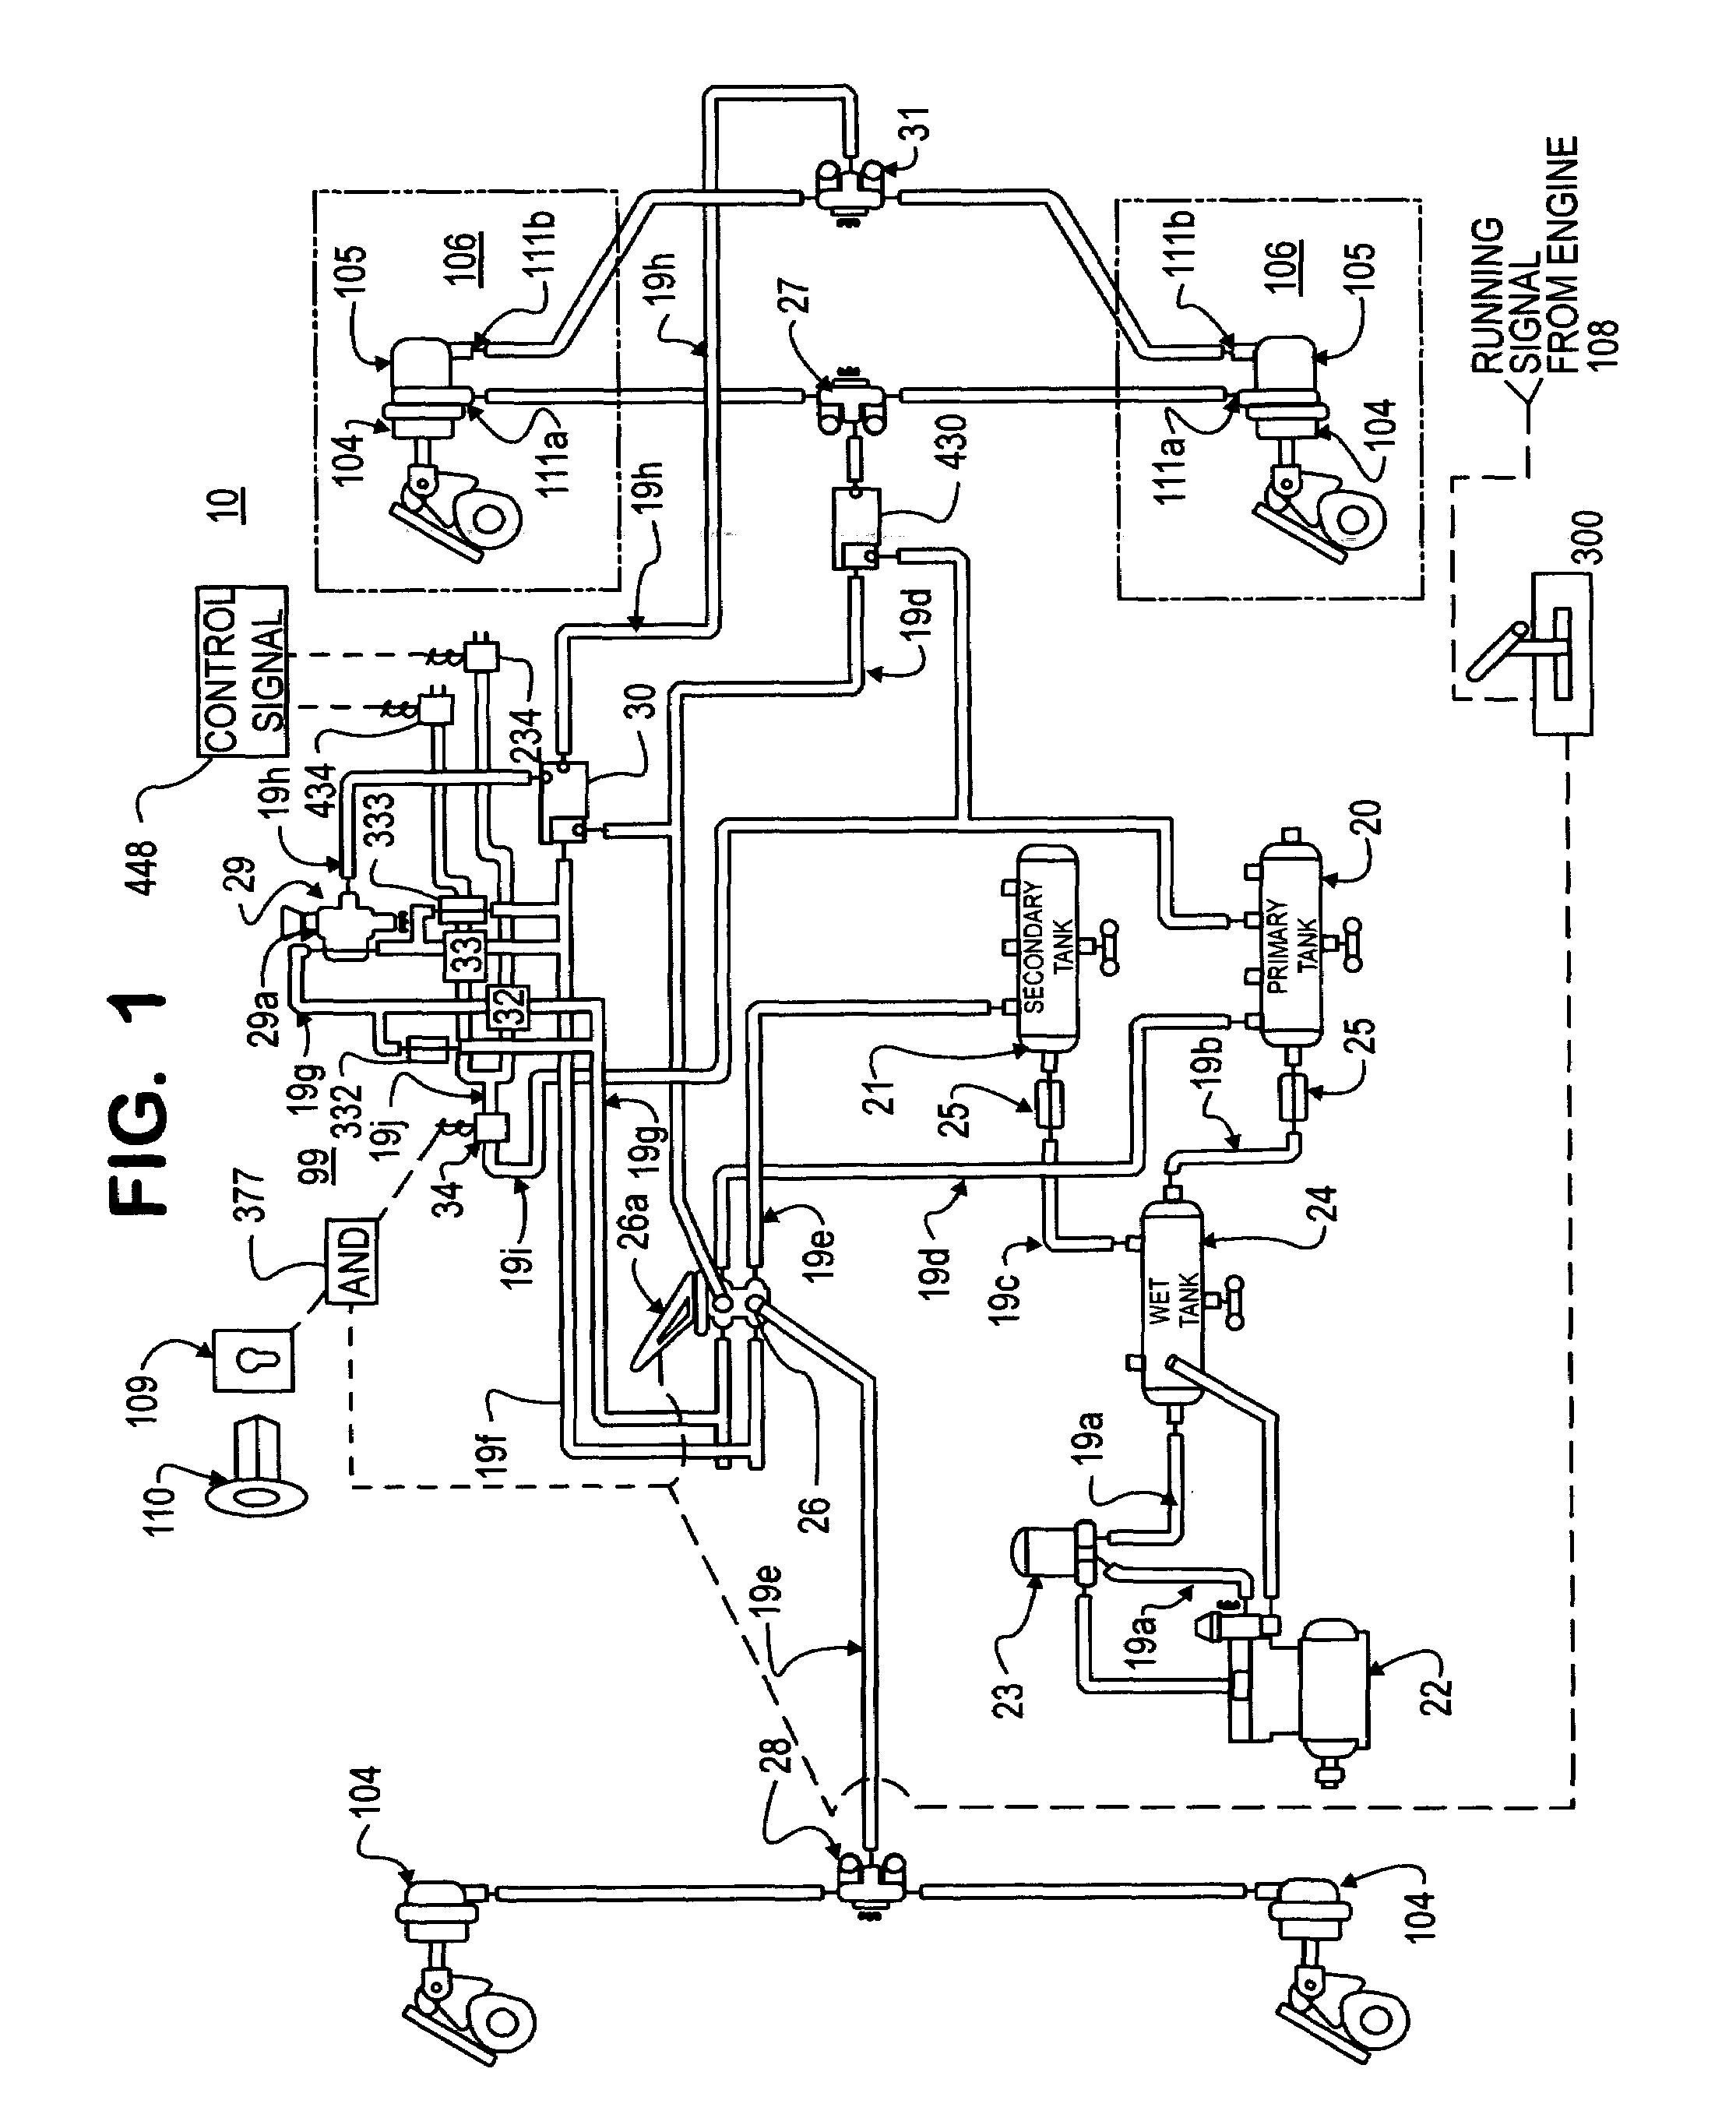 patent us7216941